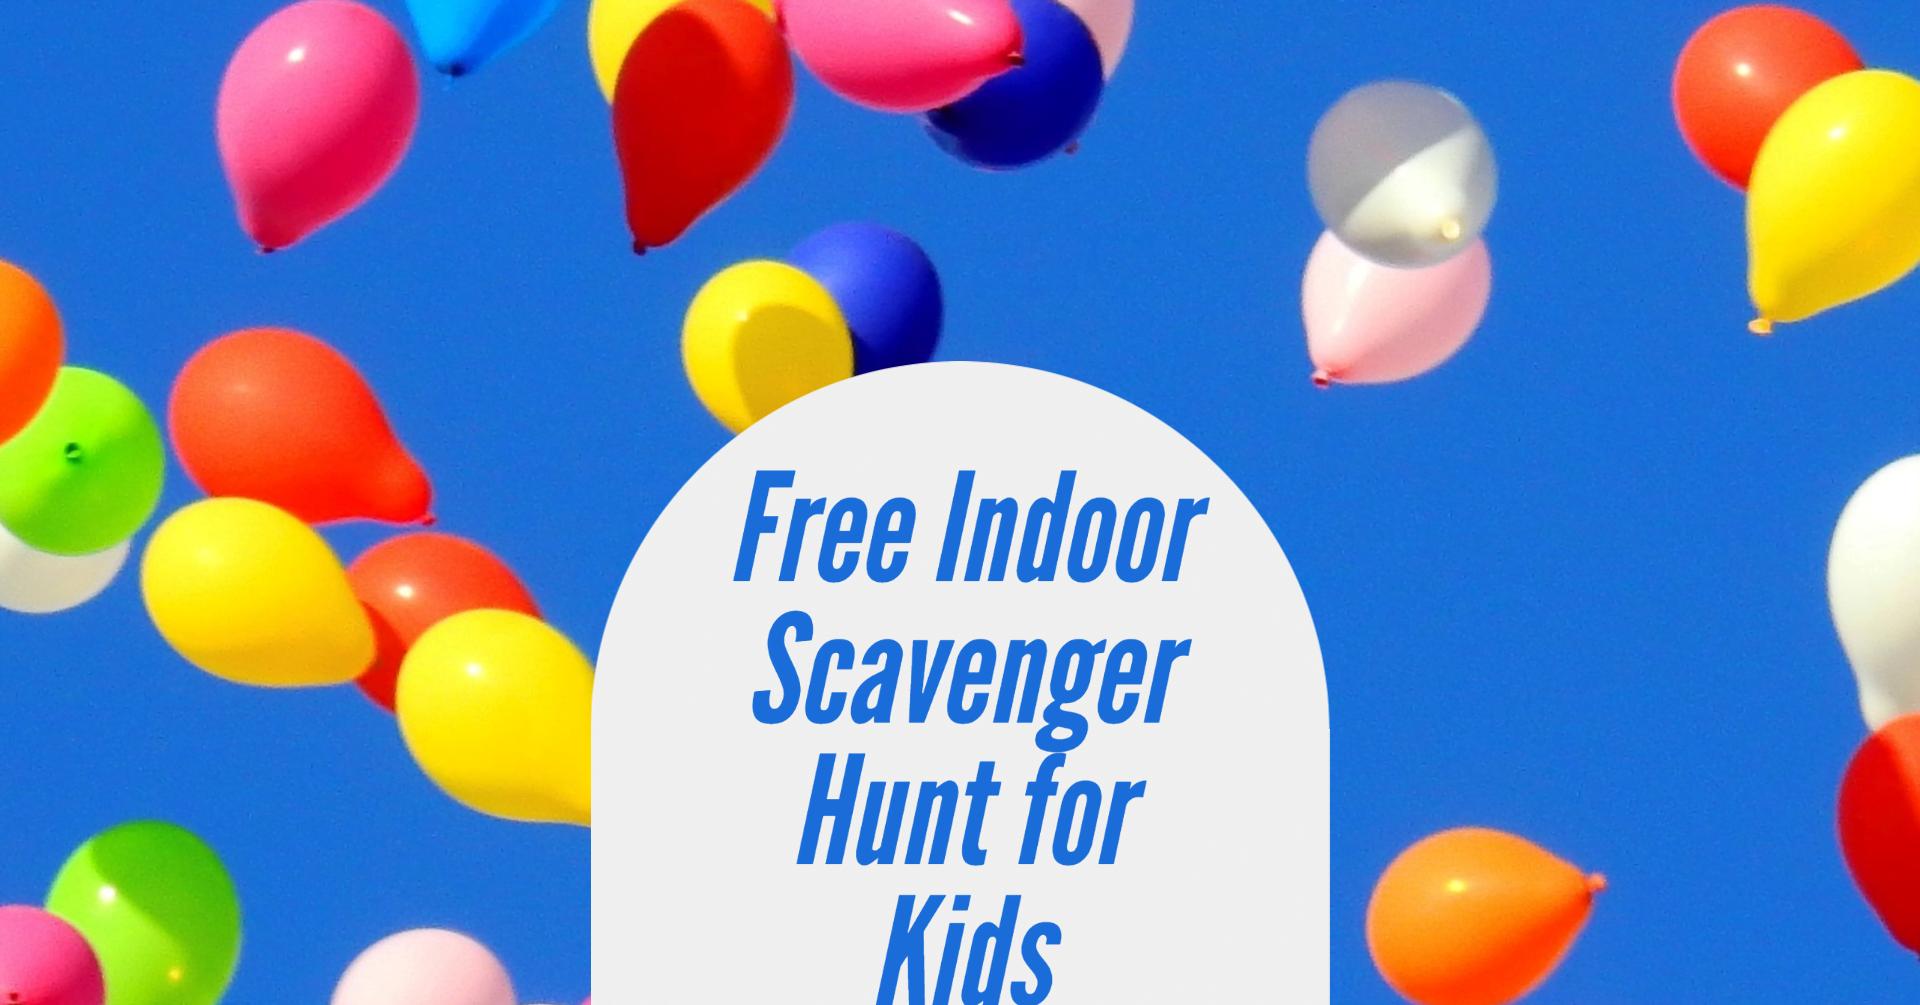 Free Indoor Scavenger Hunt for Kids